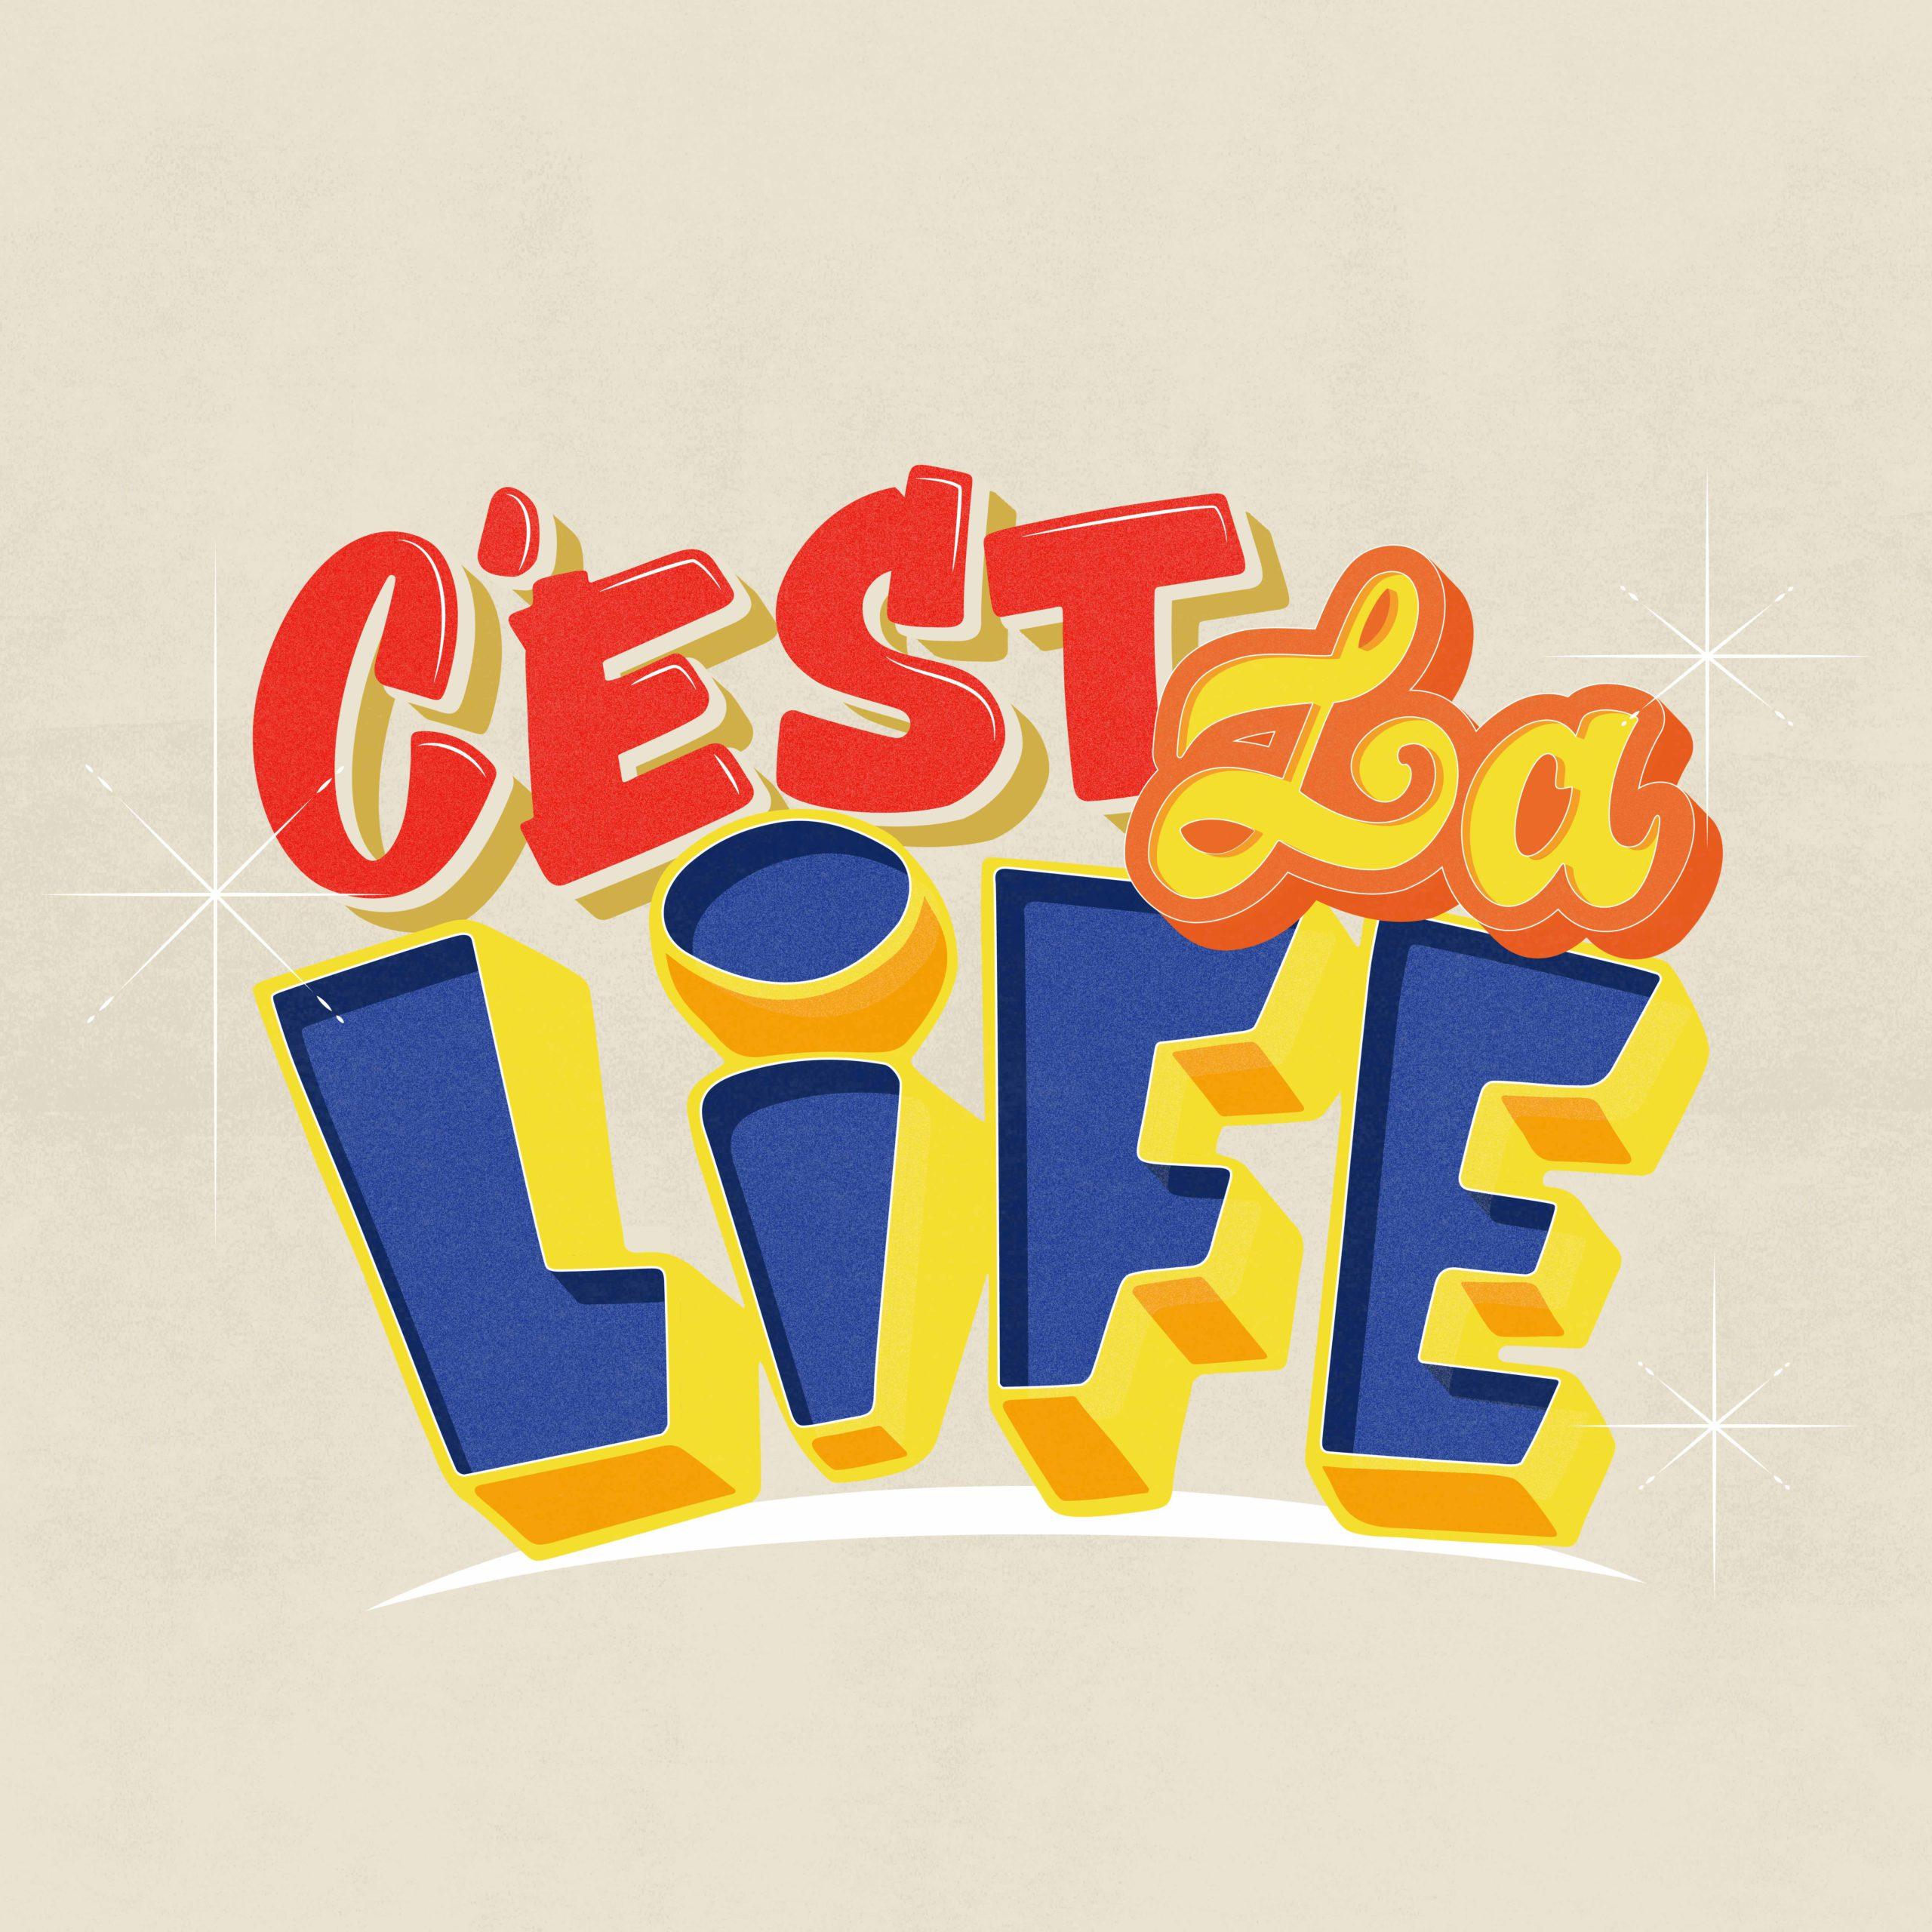 C'est la life - Nicole Rauen-min